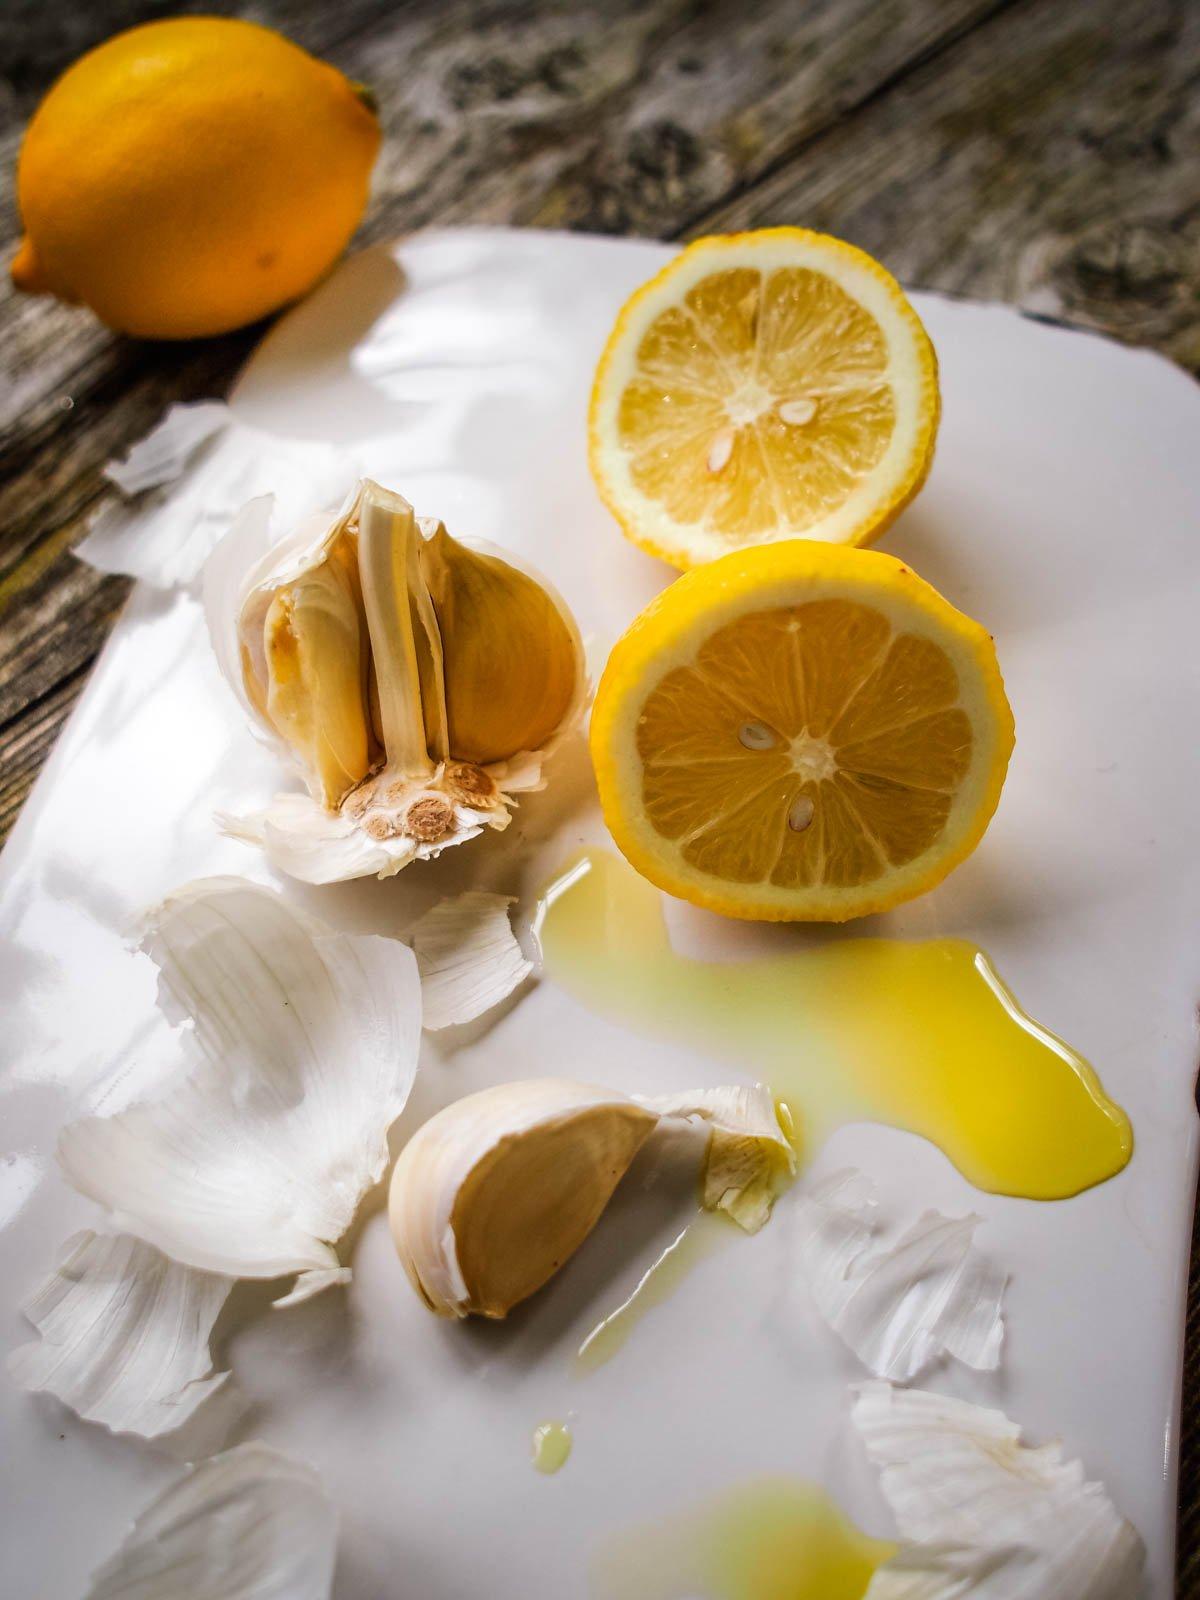 close up of lemons and garlic